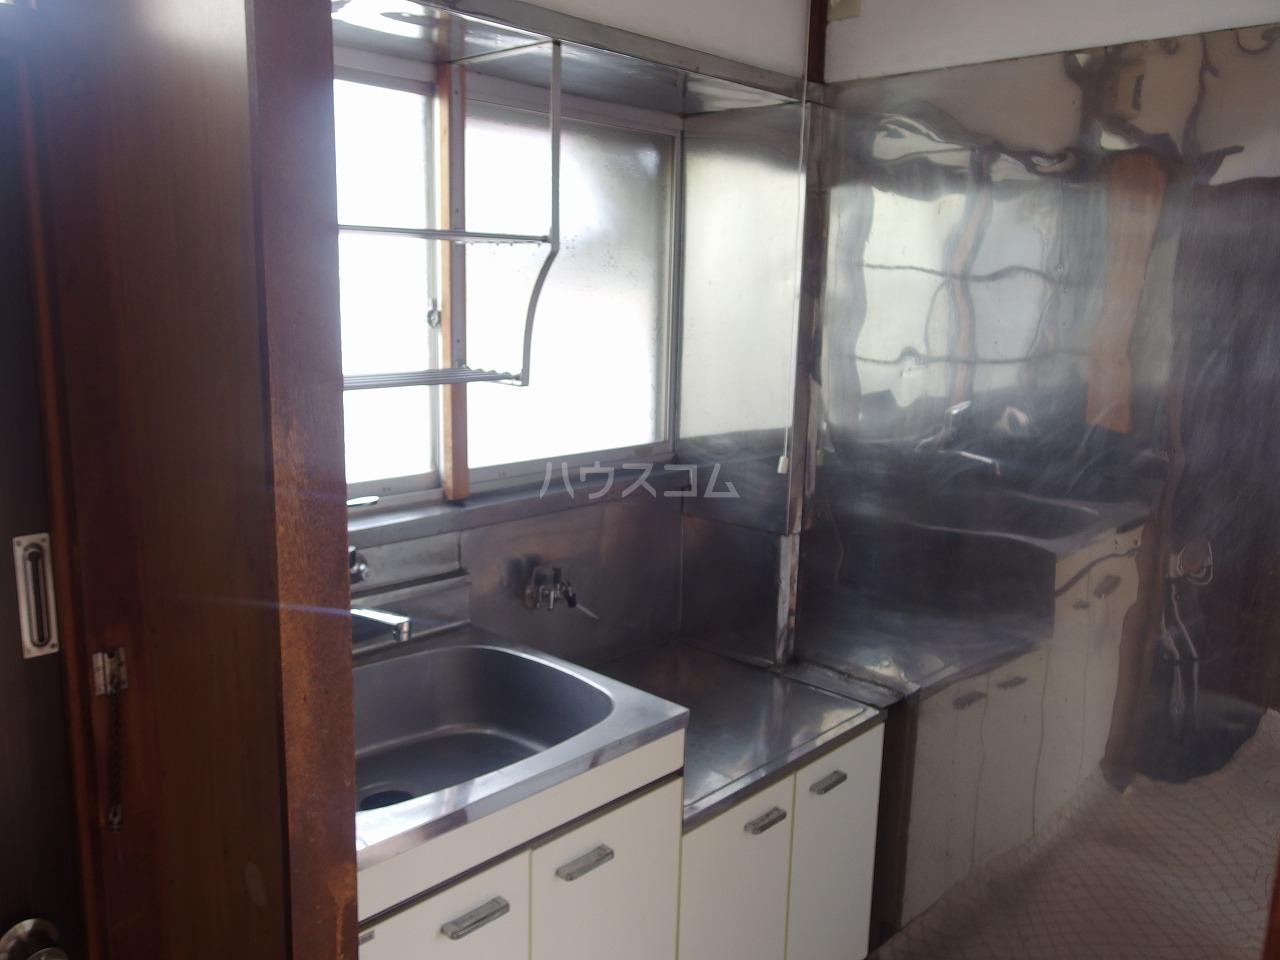 林アパート 101号室のキッチン